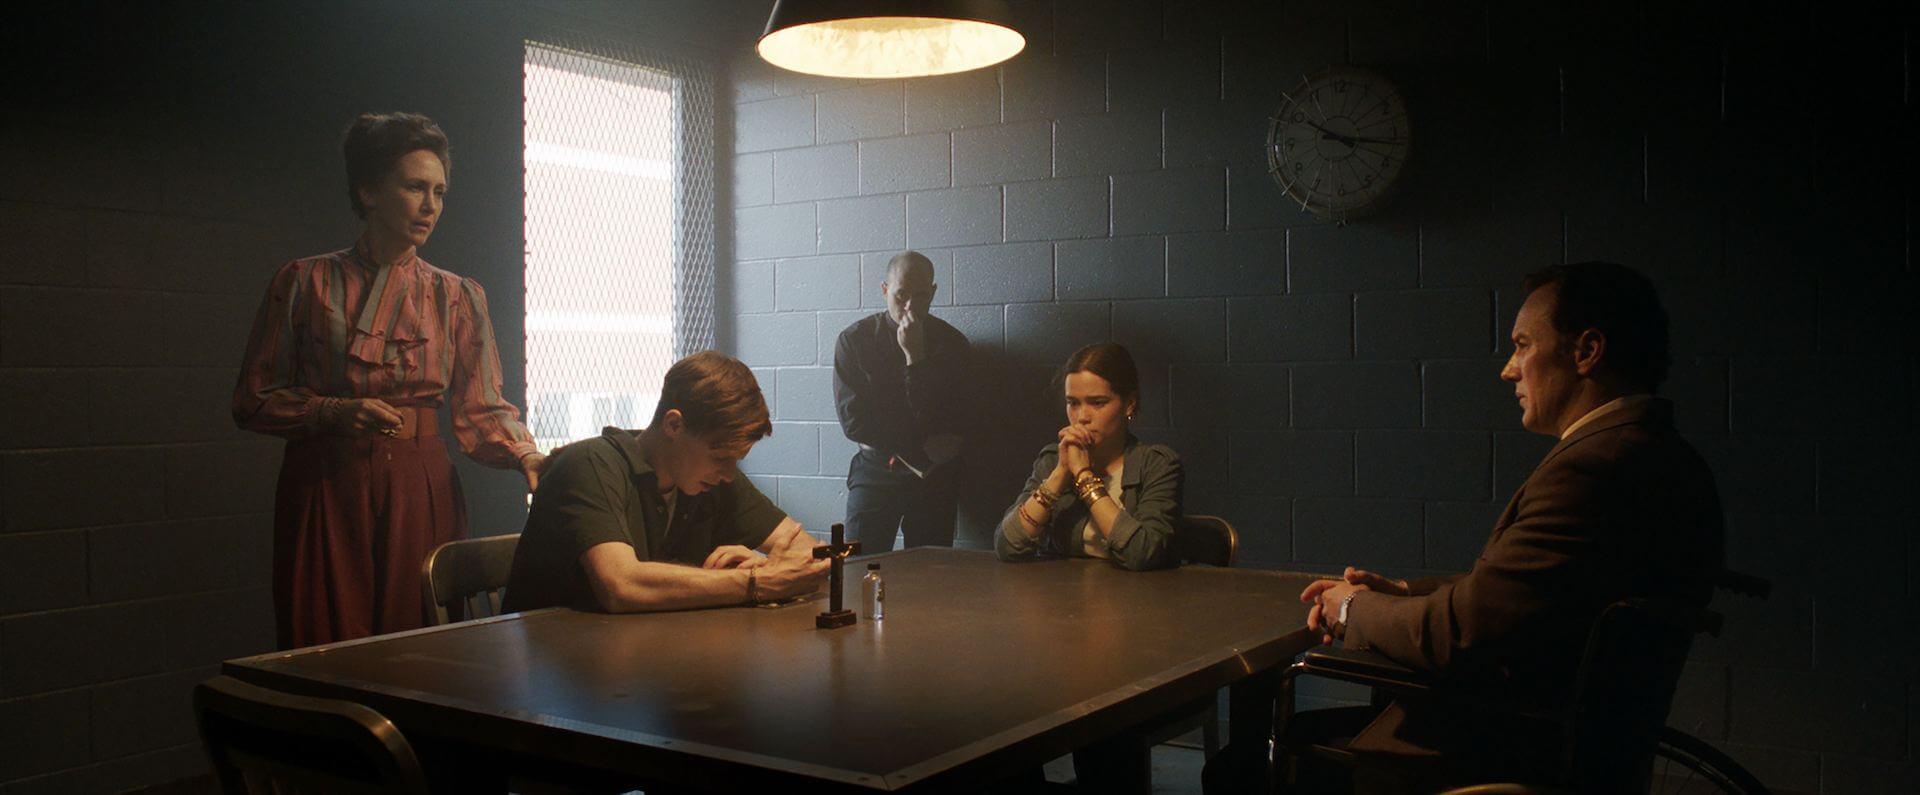 「死霊館」ユニバース全7作 累計世界興収20億ドル超え!最新作『死霊館 悪魔のせいなら、無罪。』は10月公開 film210802-shiryoukan-muzai-5